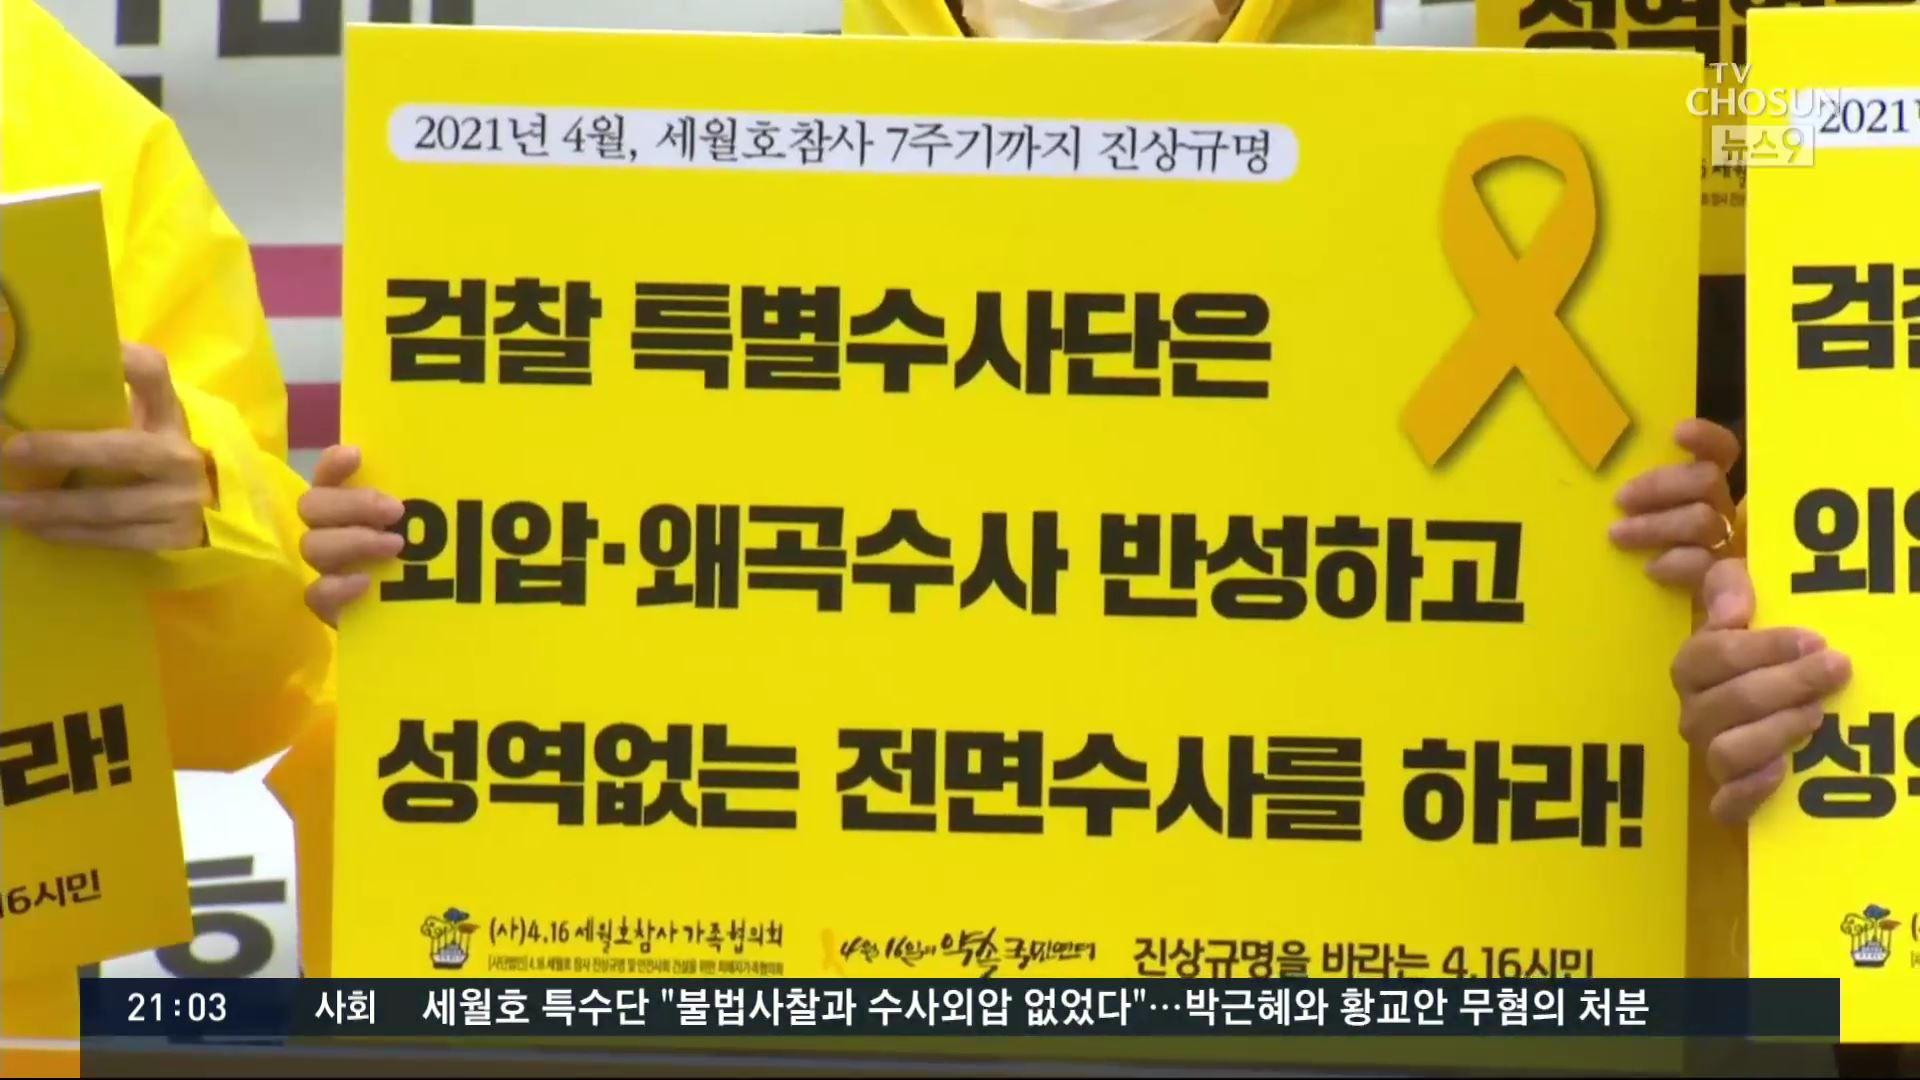 '해경, 세월호 구조 책임있지만 방기 '무혐의''…유족 측 반발